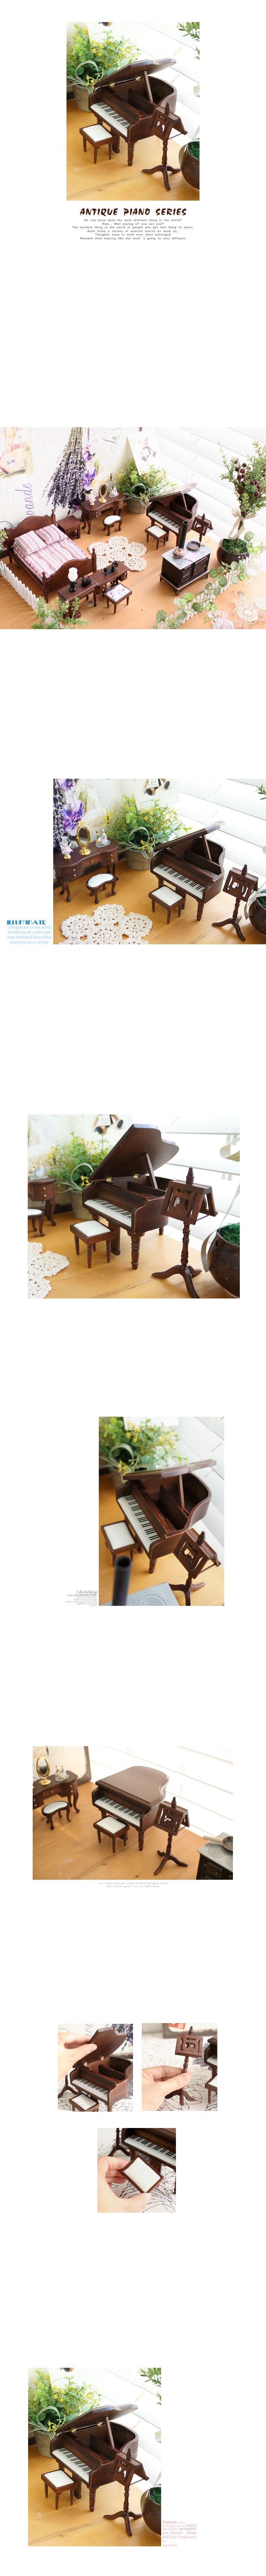 미니어처 엔틱 피아노 - annahouse - 안나하우스, 41,900원, 장식소품, 엔틱오브제